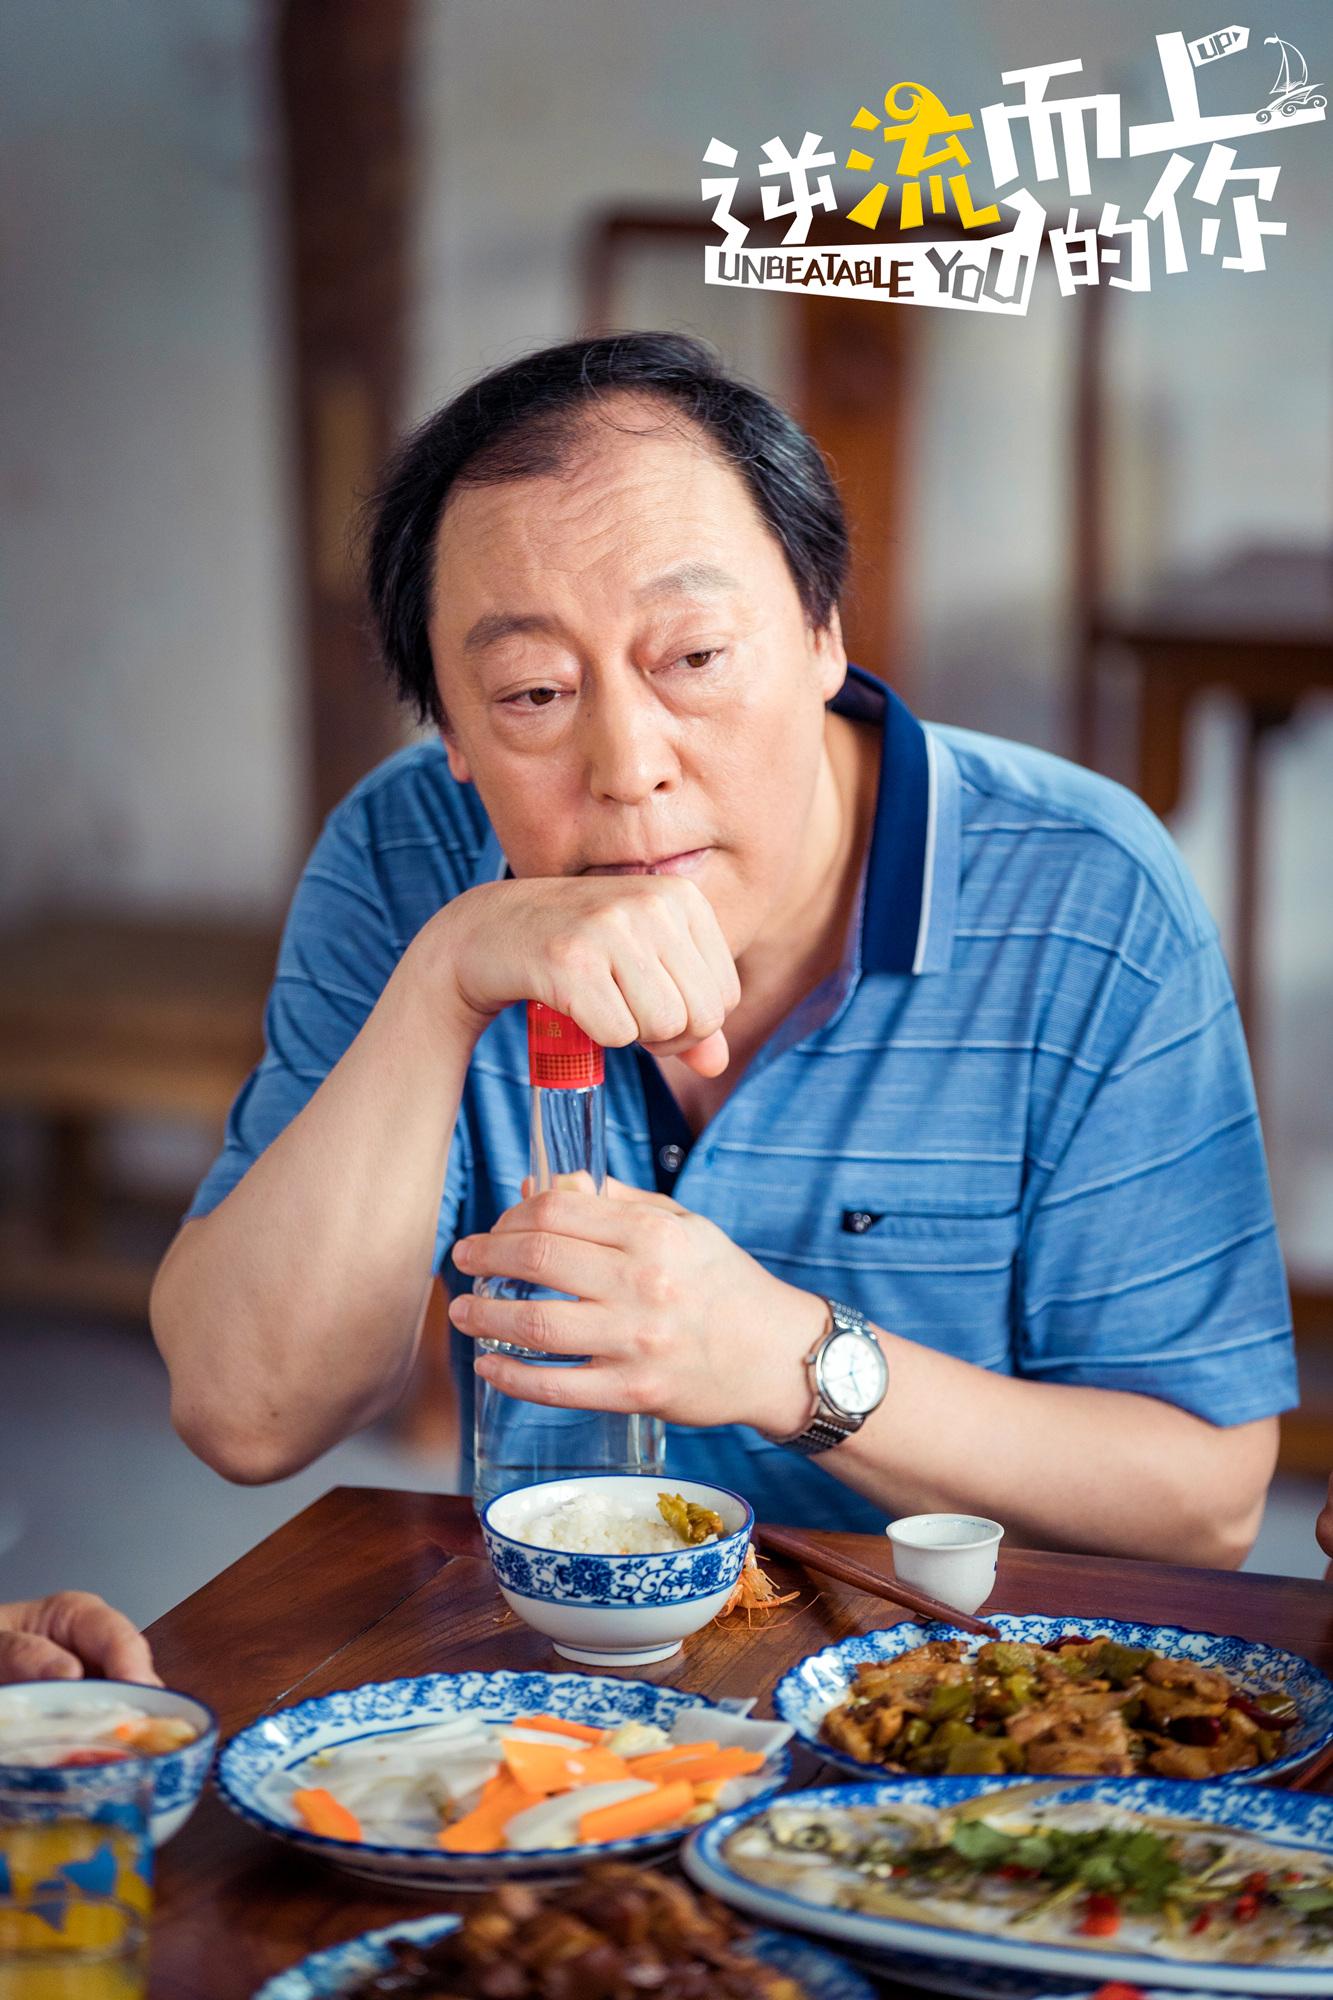 《逆流而上的你》首发剧照 马丽潘粤明喜萌混搭求逆袭